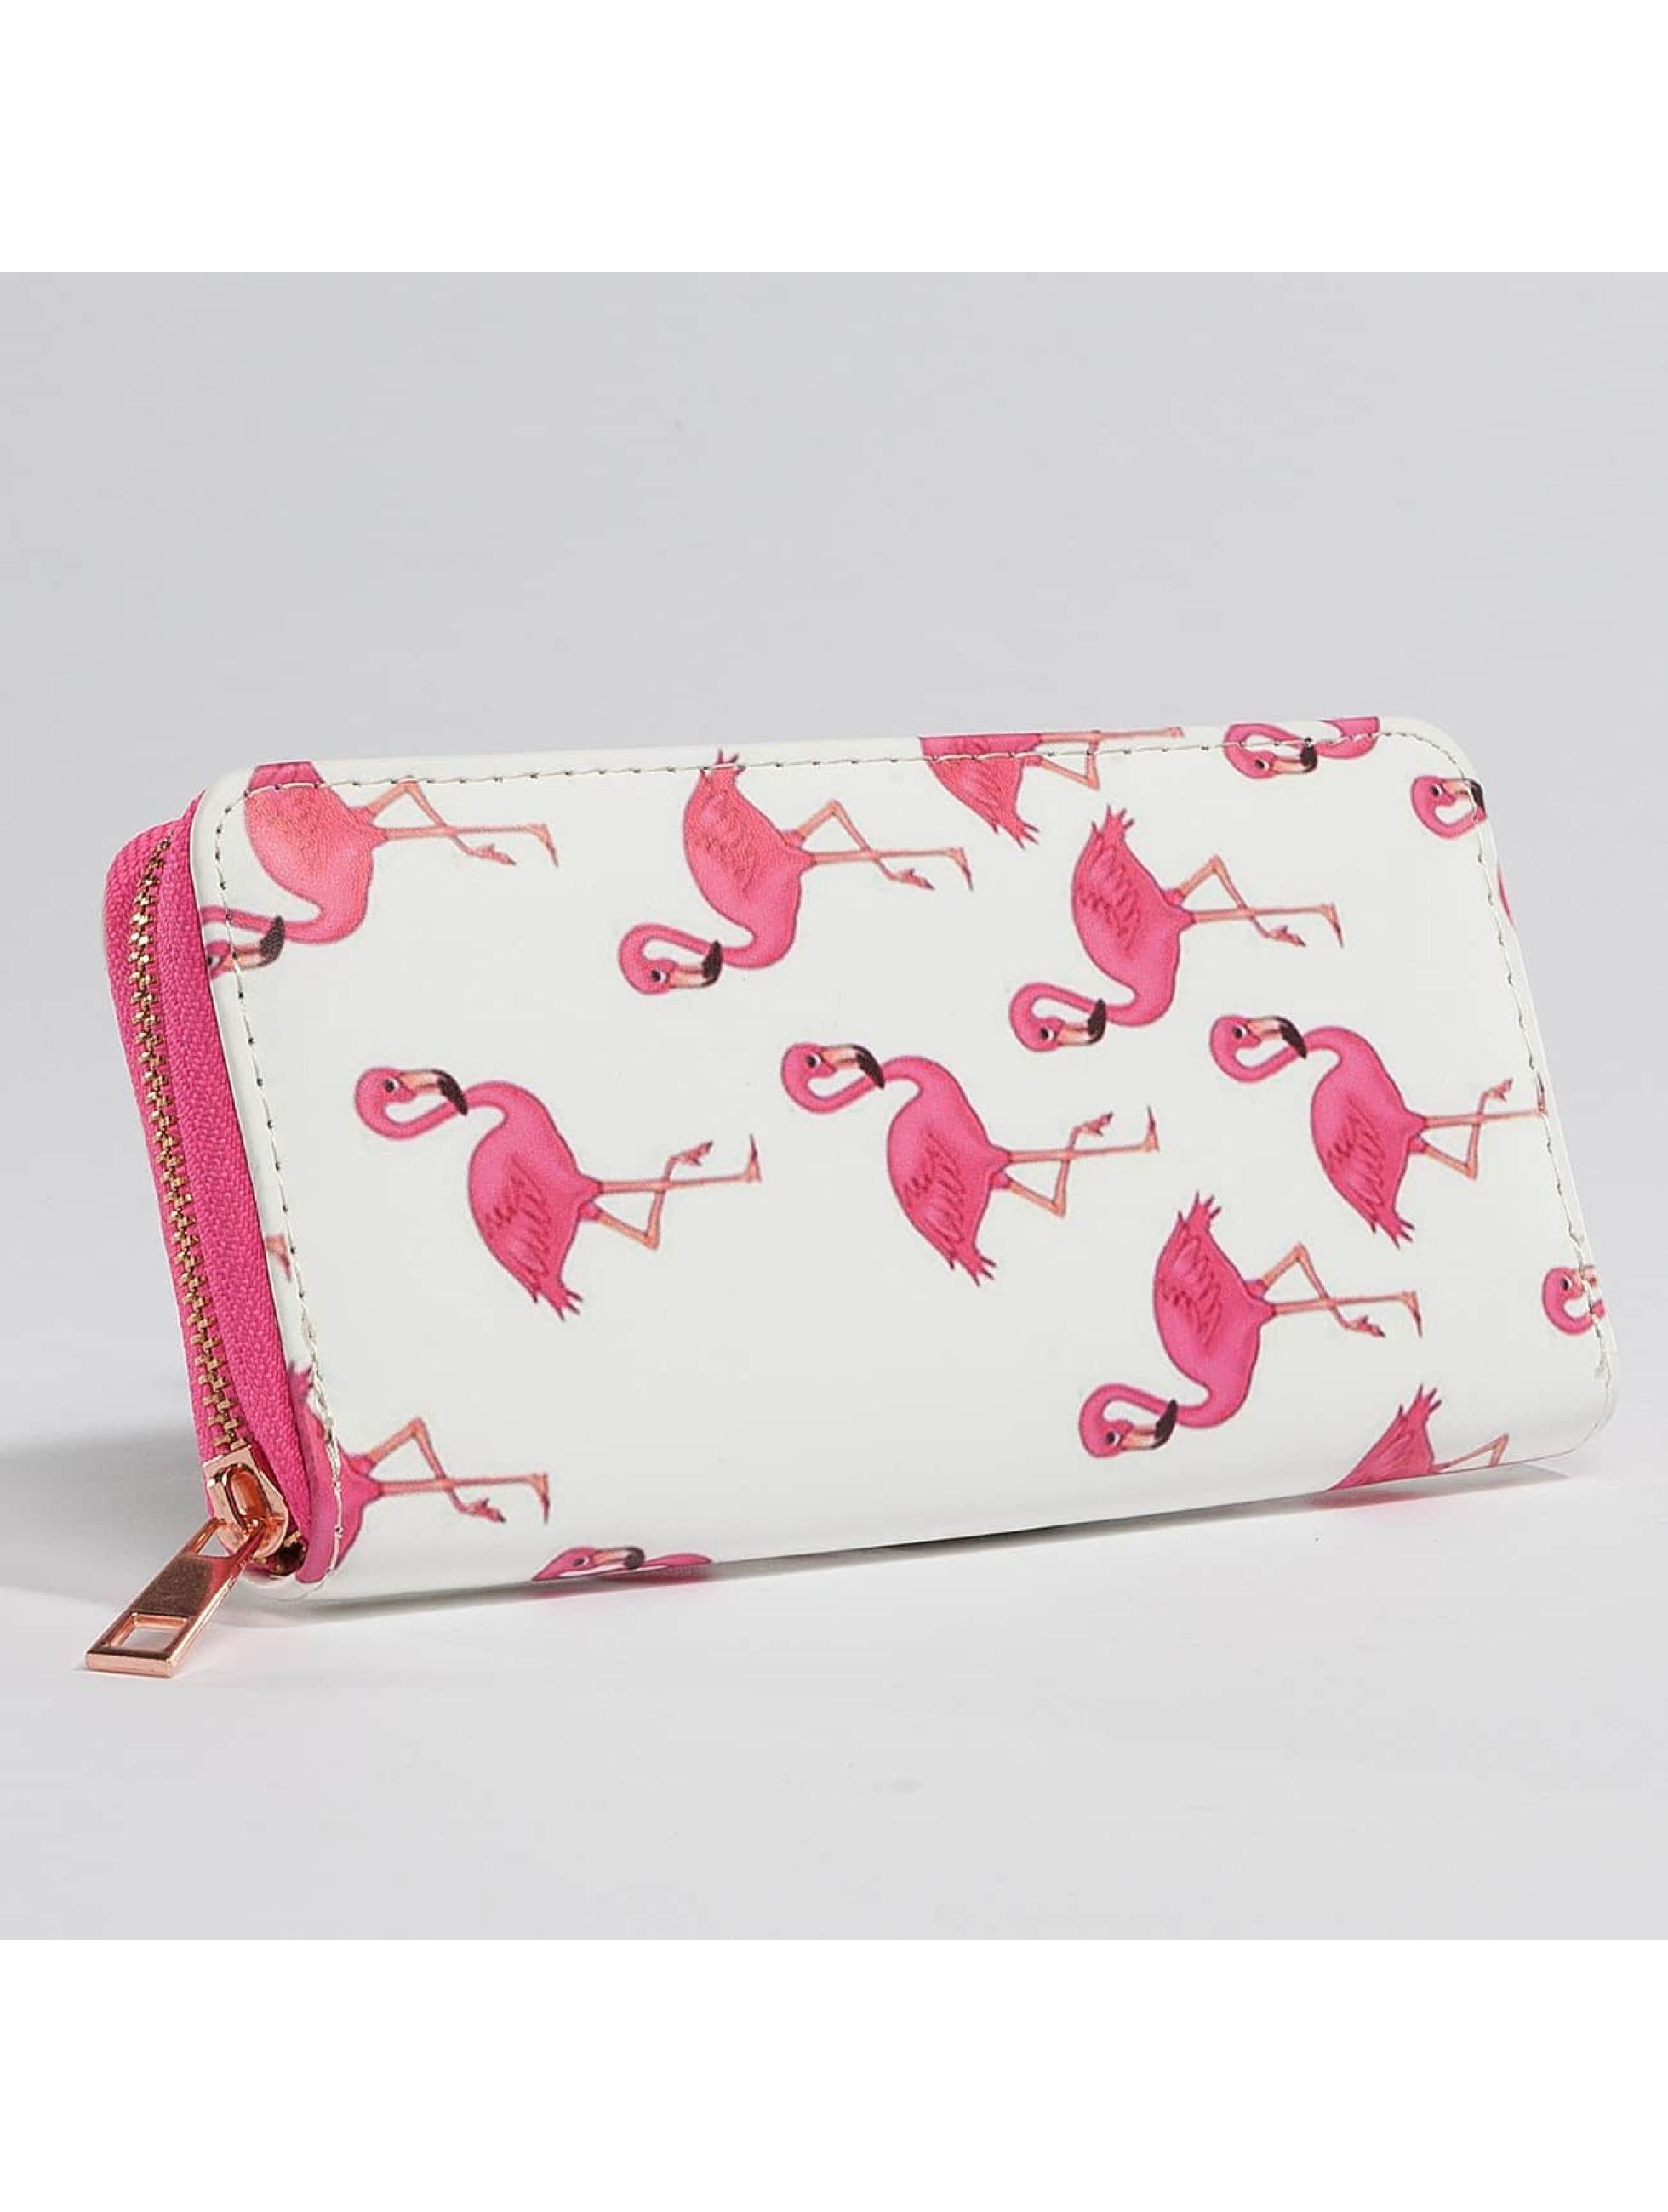 Hailys Frauen Geldbeutel Josie Mixy in pink